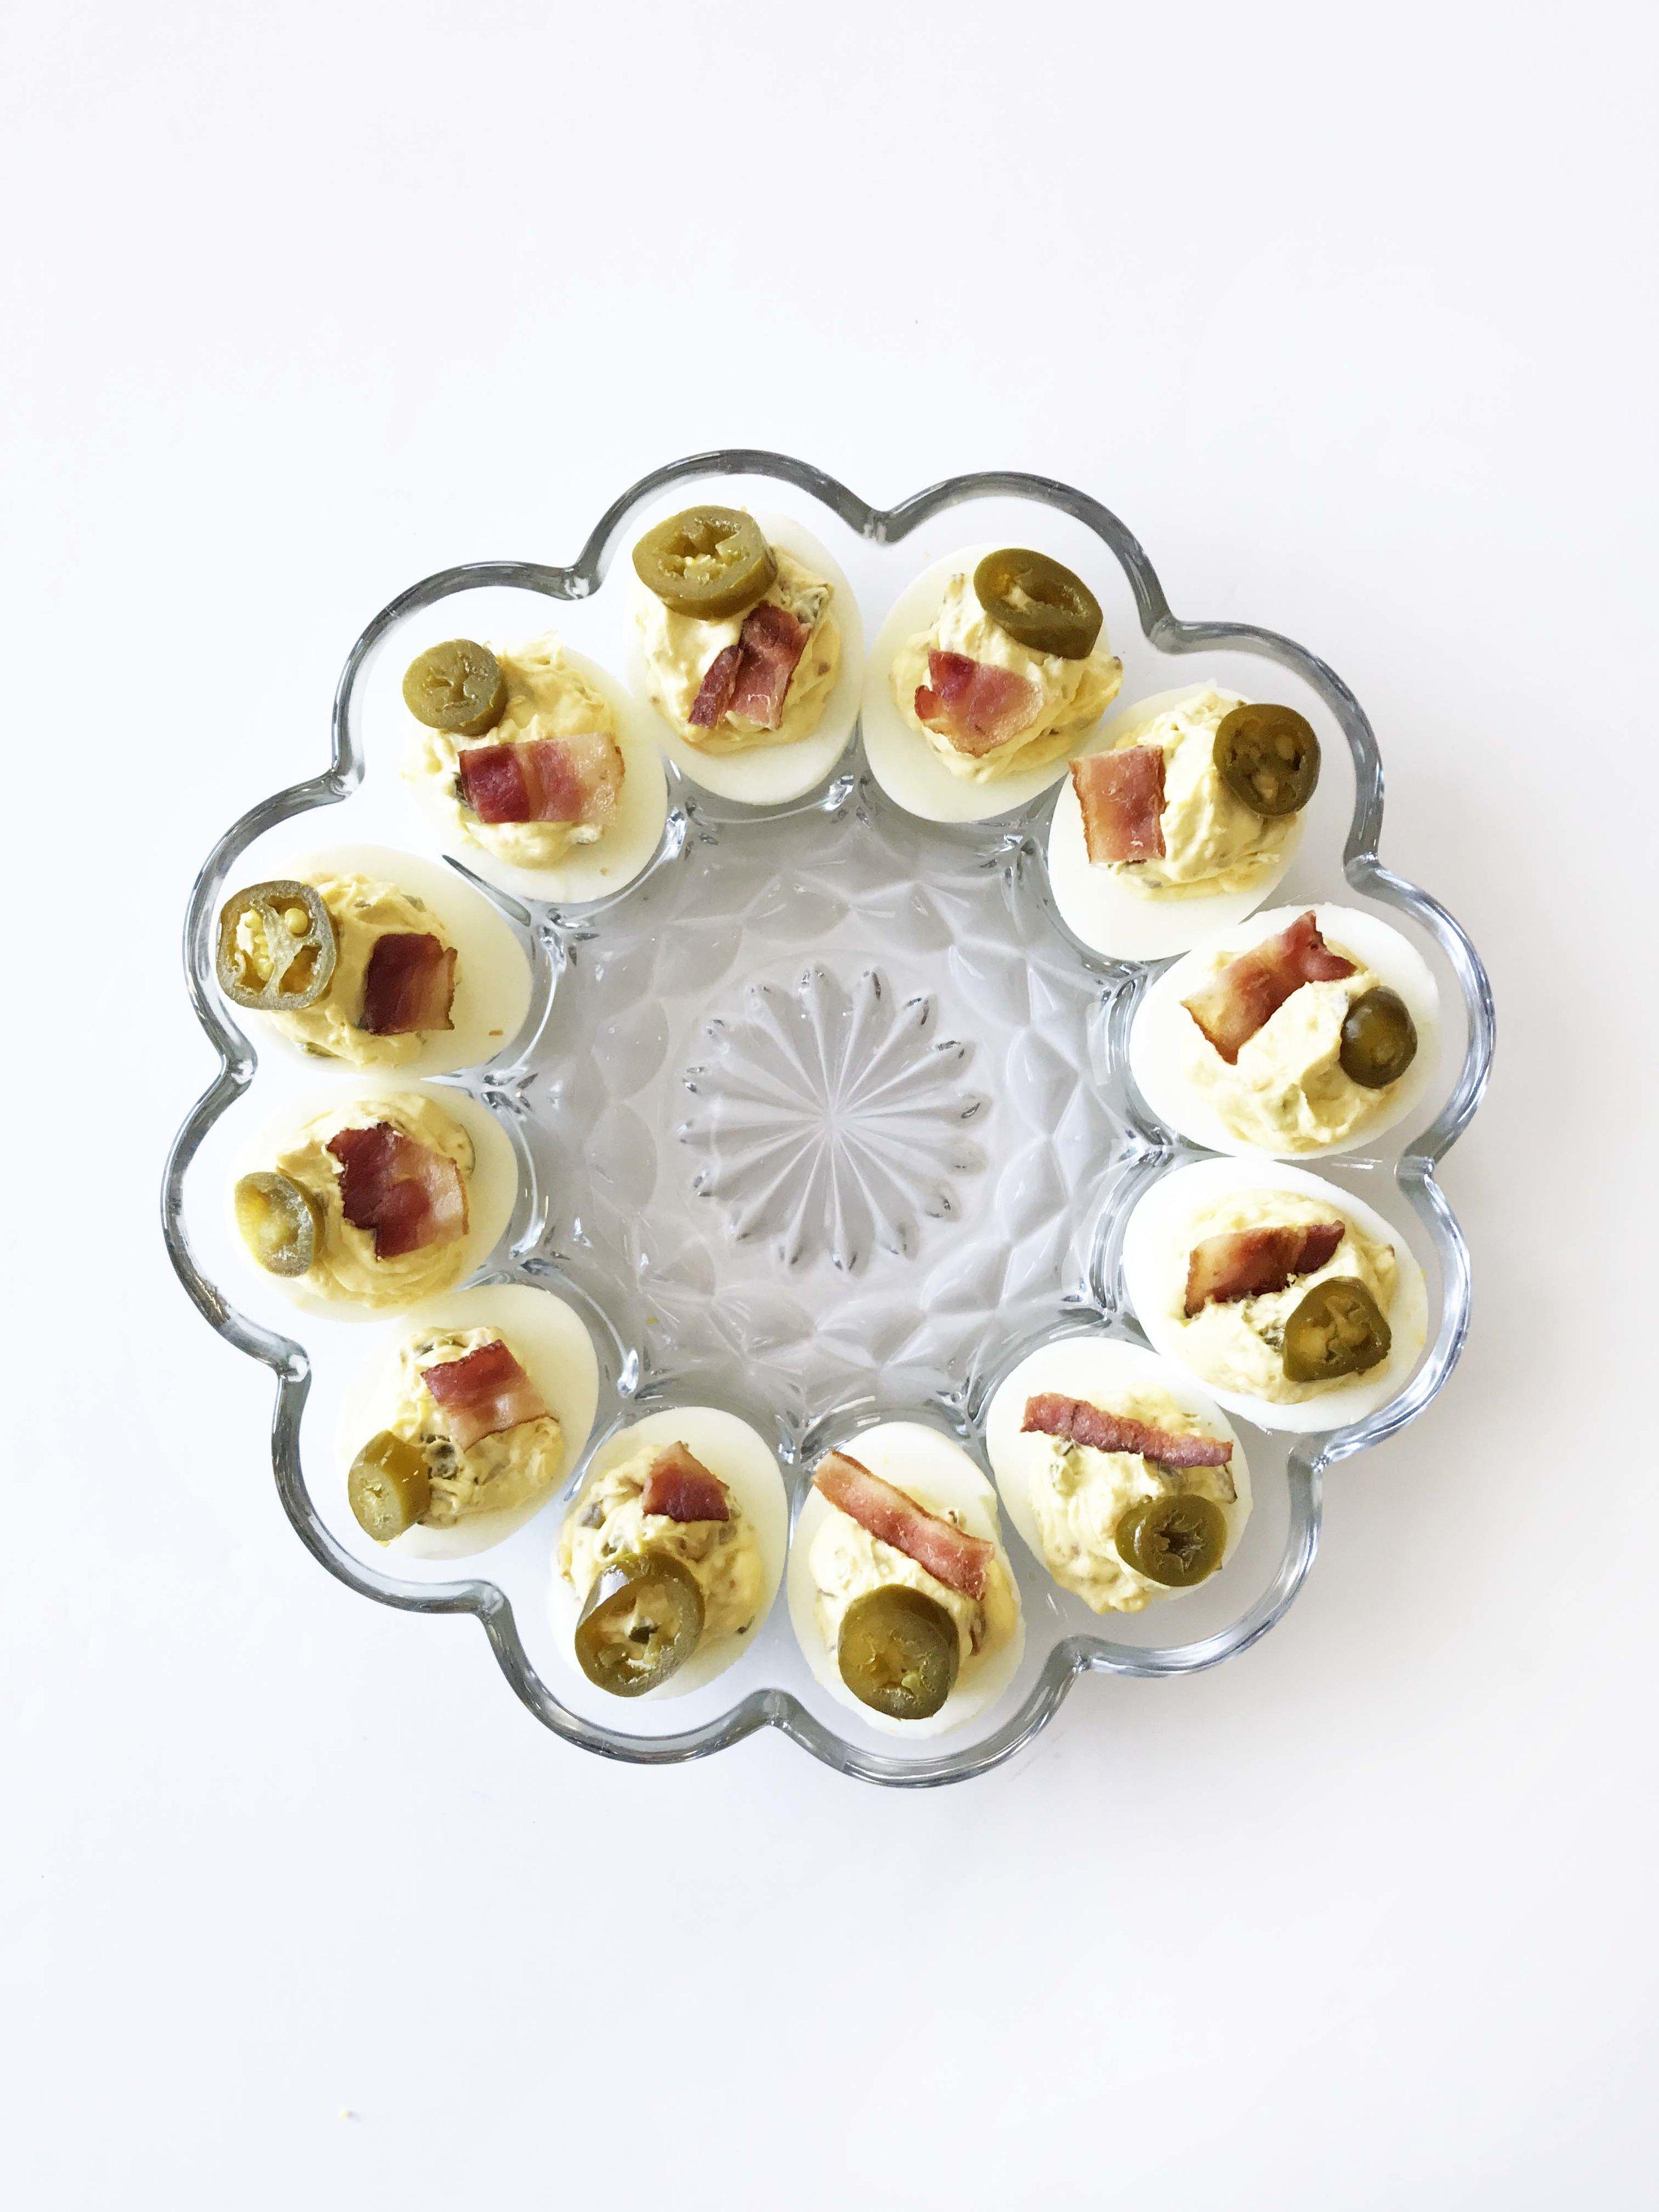 popper-deviled-eggs7.jpg